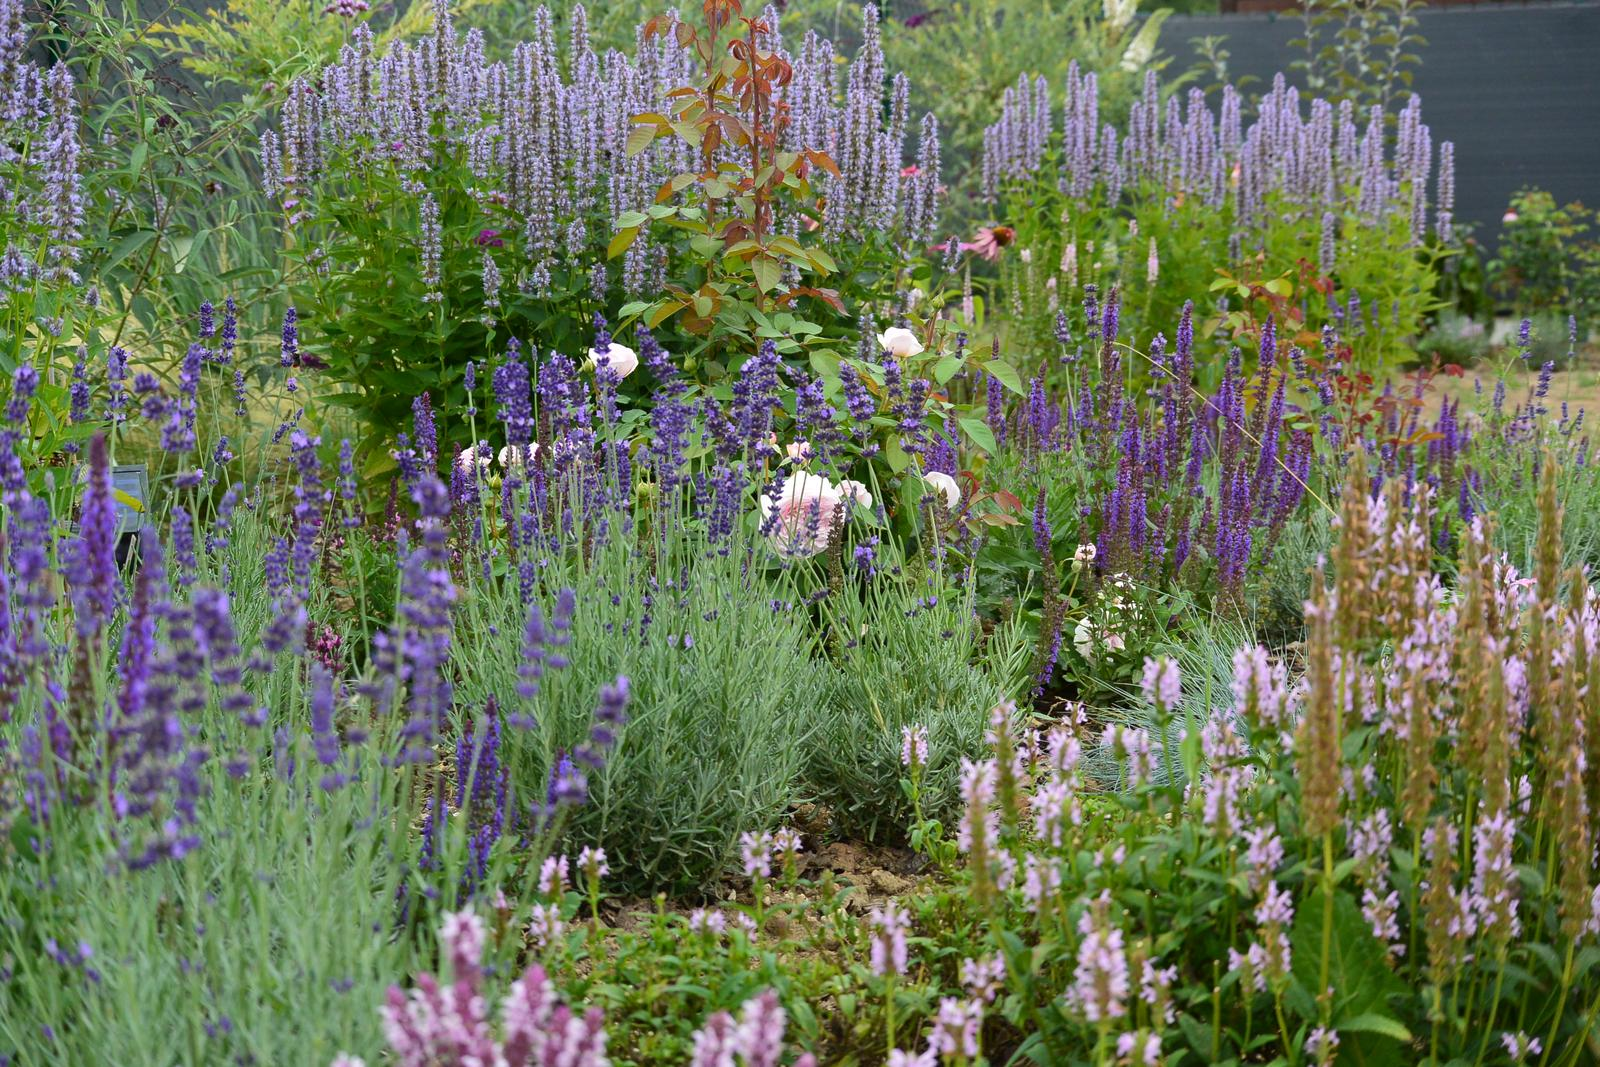 Živá zahrada 2019-2020 - Vzadu Agastache pak růže Olivia Rose, Šalvěj, Levandule Hidcot, Šanta kočičí